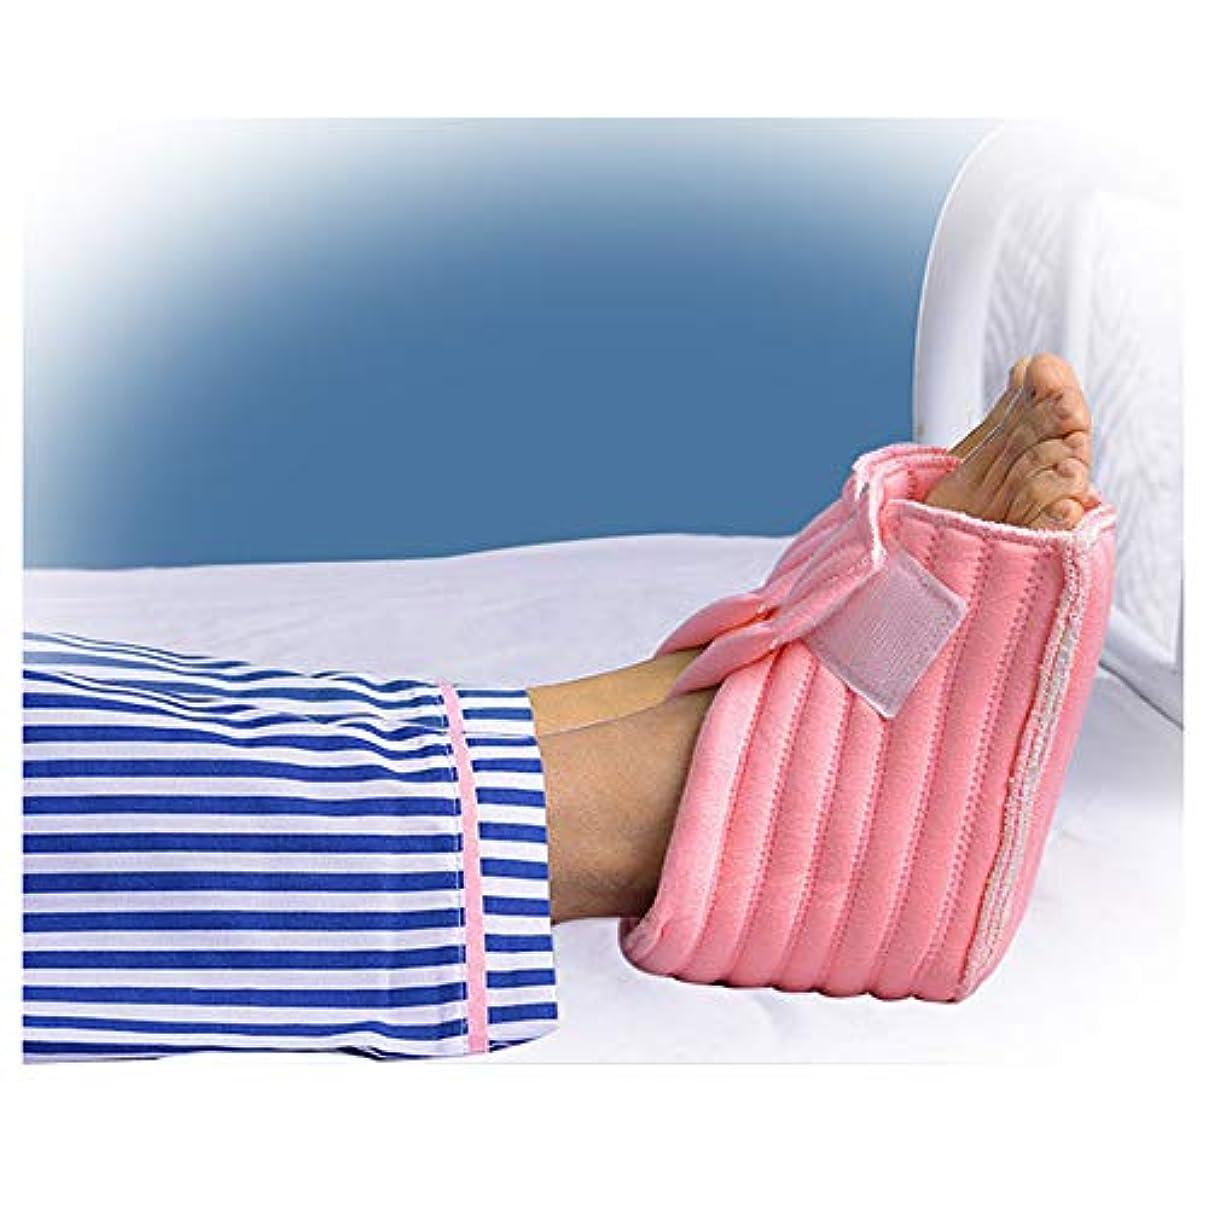 異形祖母速記ヒールプロテクター枕、足首サポート枕フットプロテクション、足枕、1ペア、ピンク